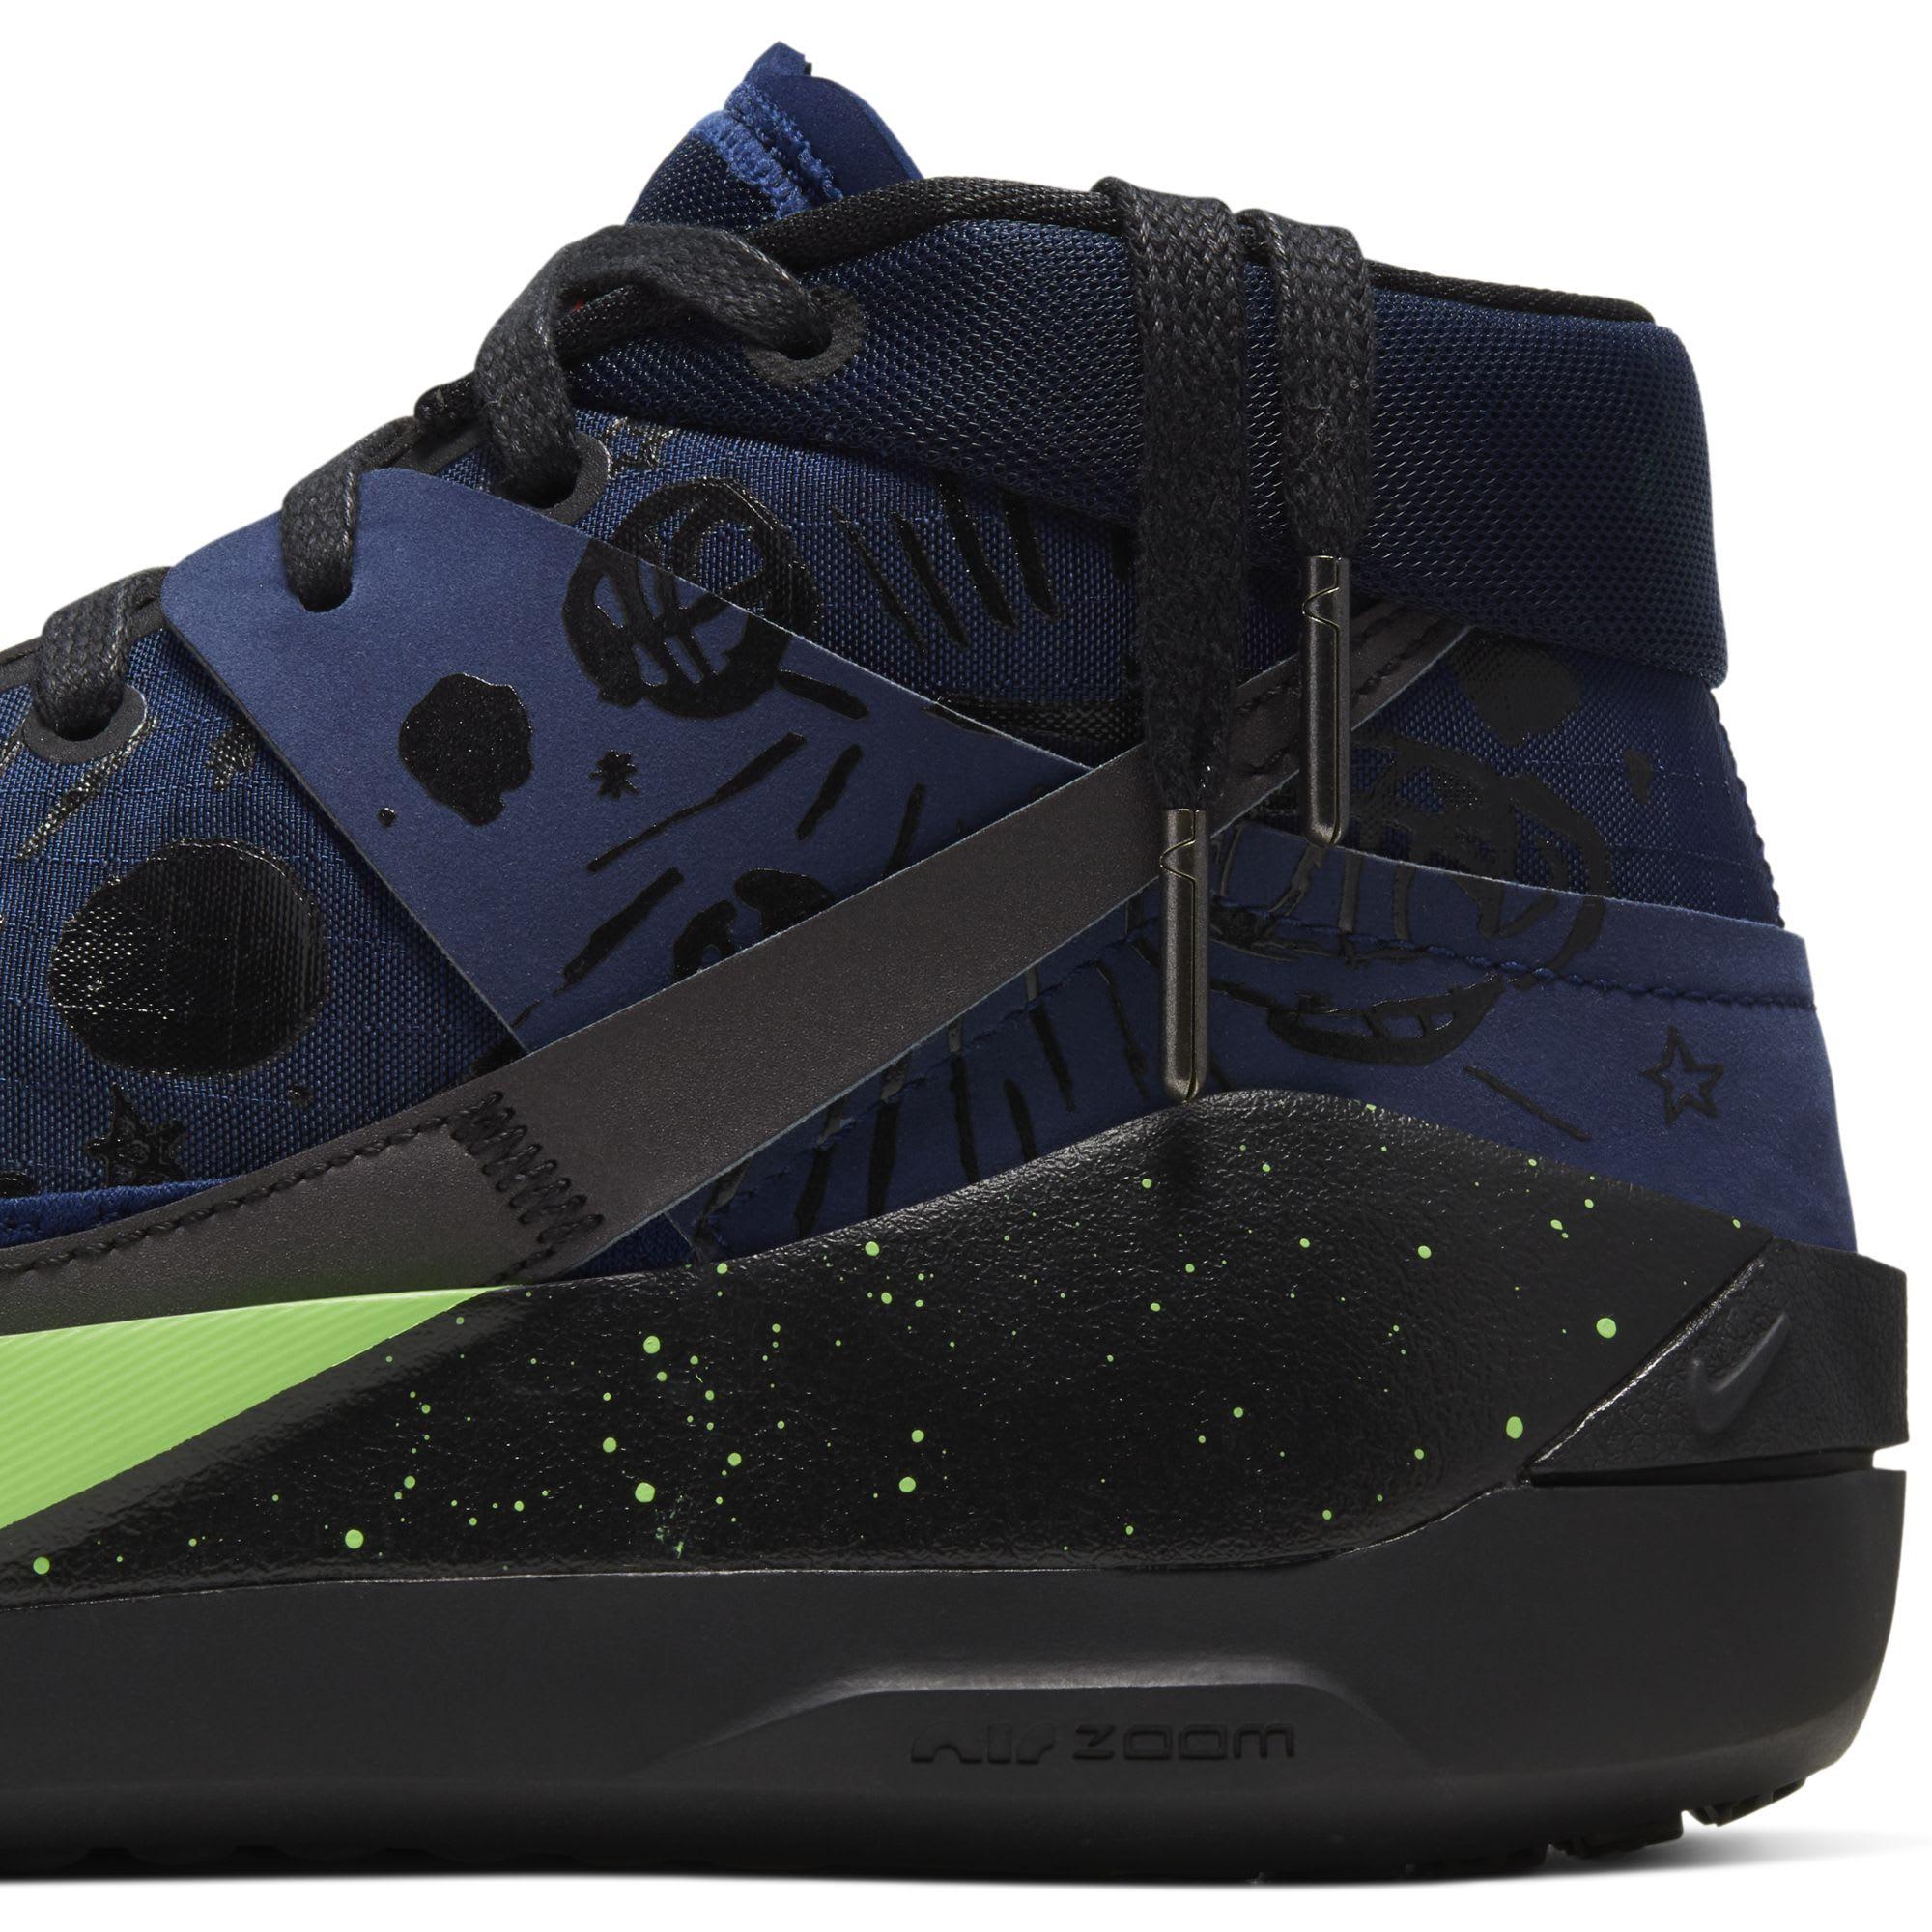 Nike KD 13 'The Planet of Hoops' Heel